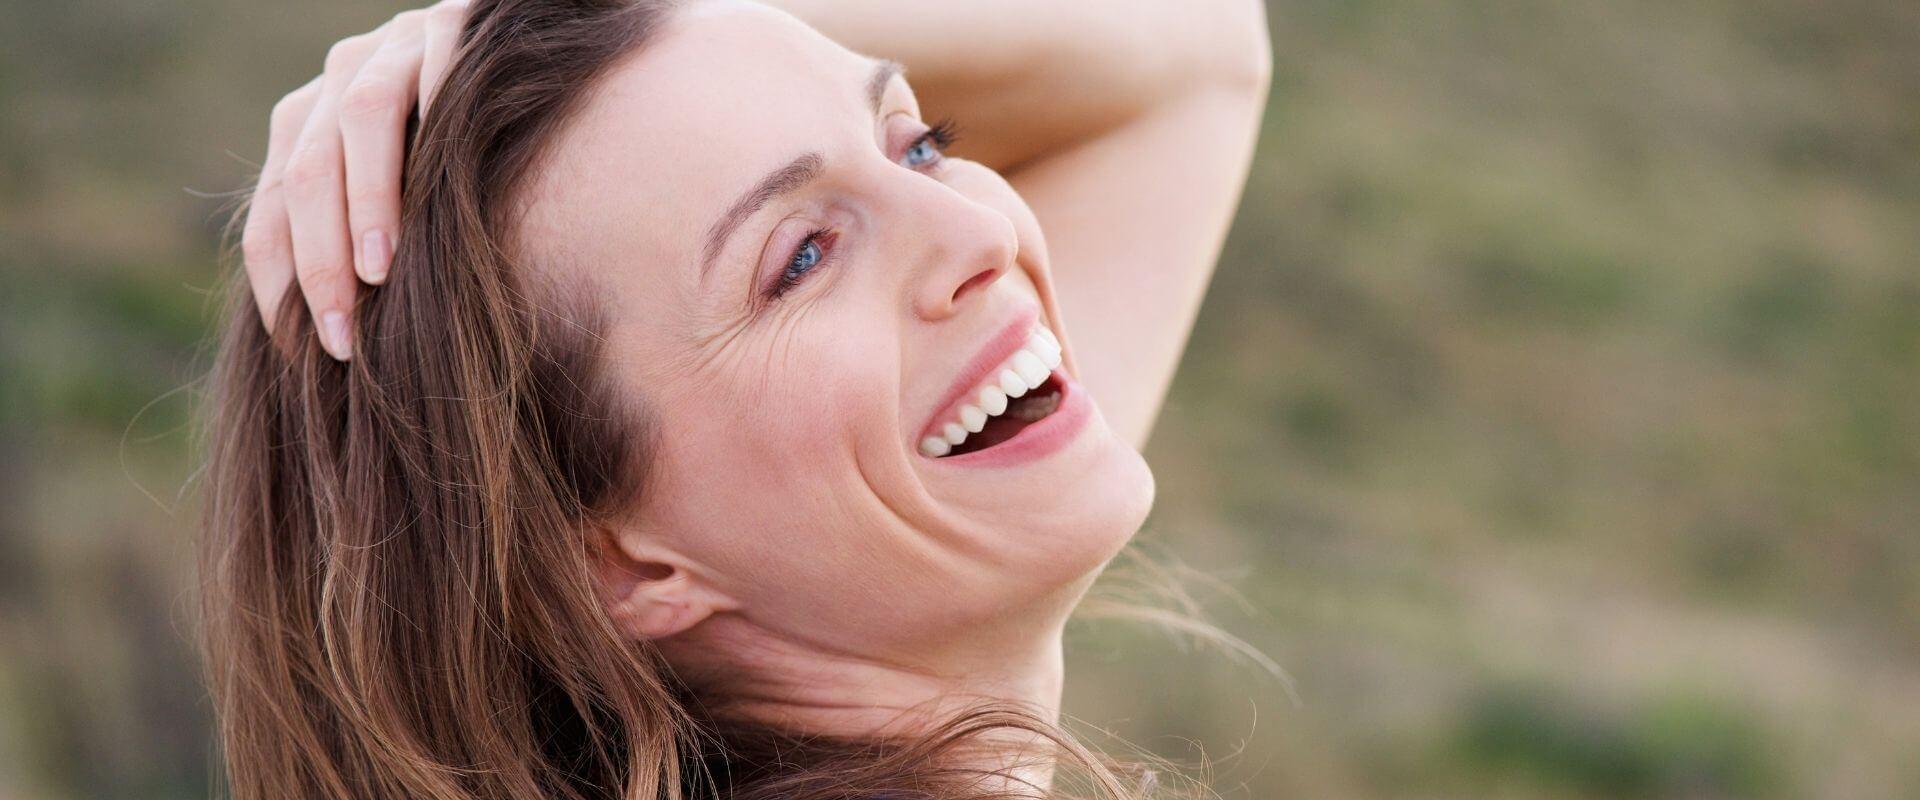 5 Wege, wie du deine Schilddrüse stärken kannst